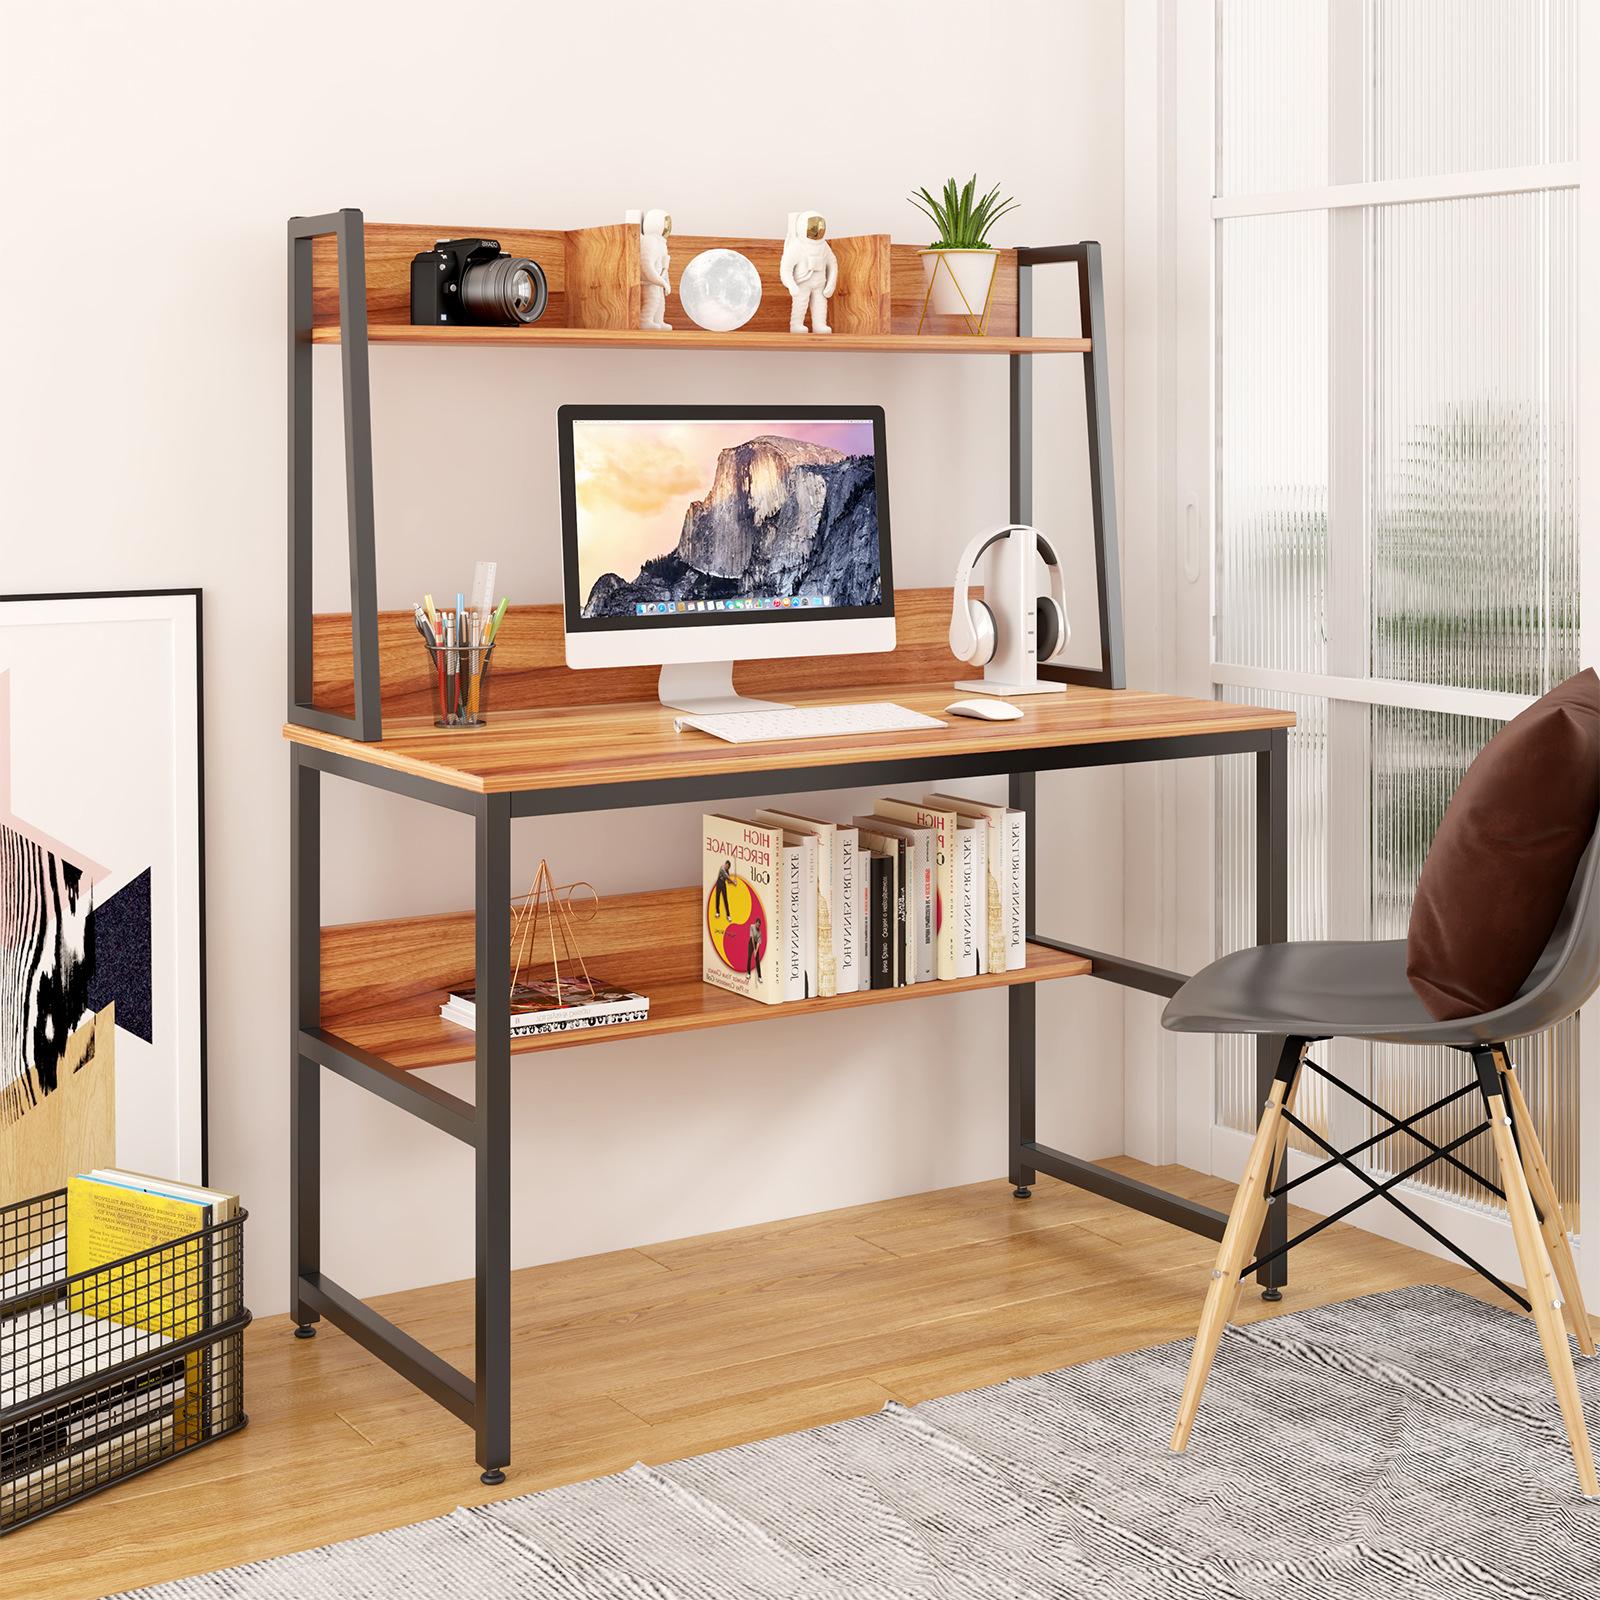 家庭办公室电脑桌,上下带储物层板,现代简约风格的电脑桌